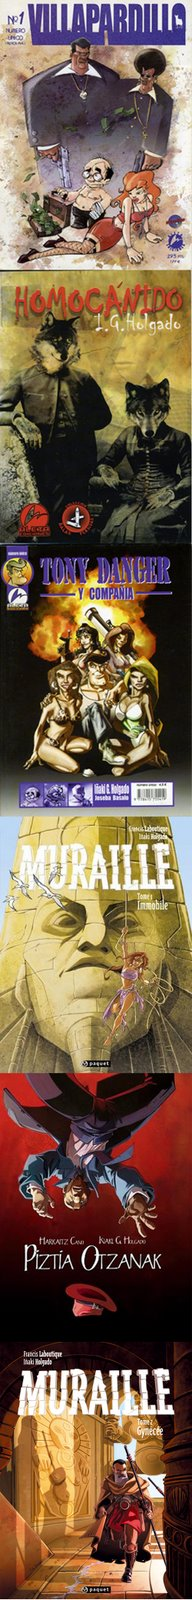 albumes y comic books publicados